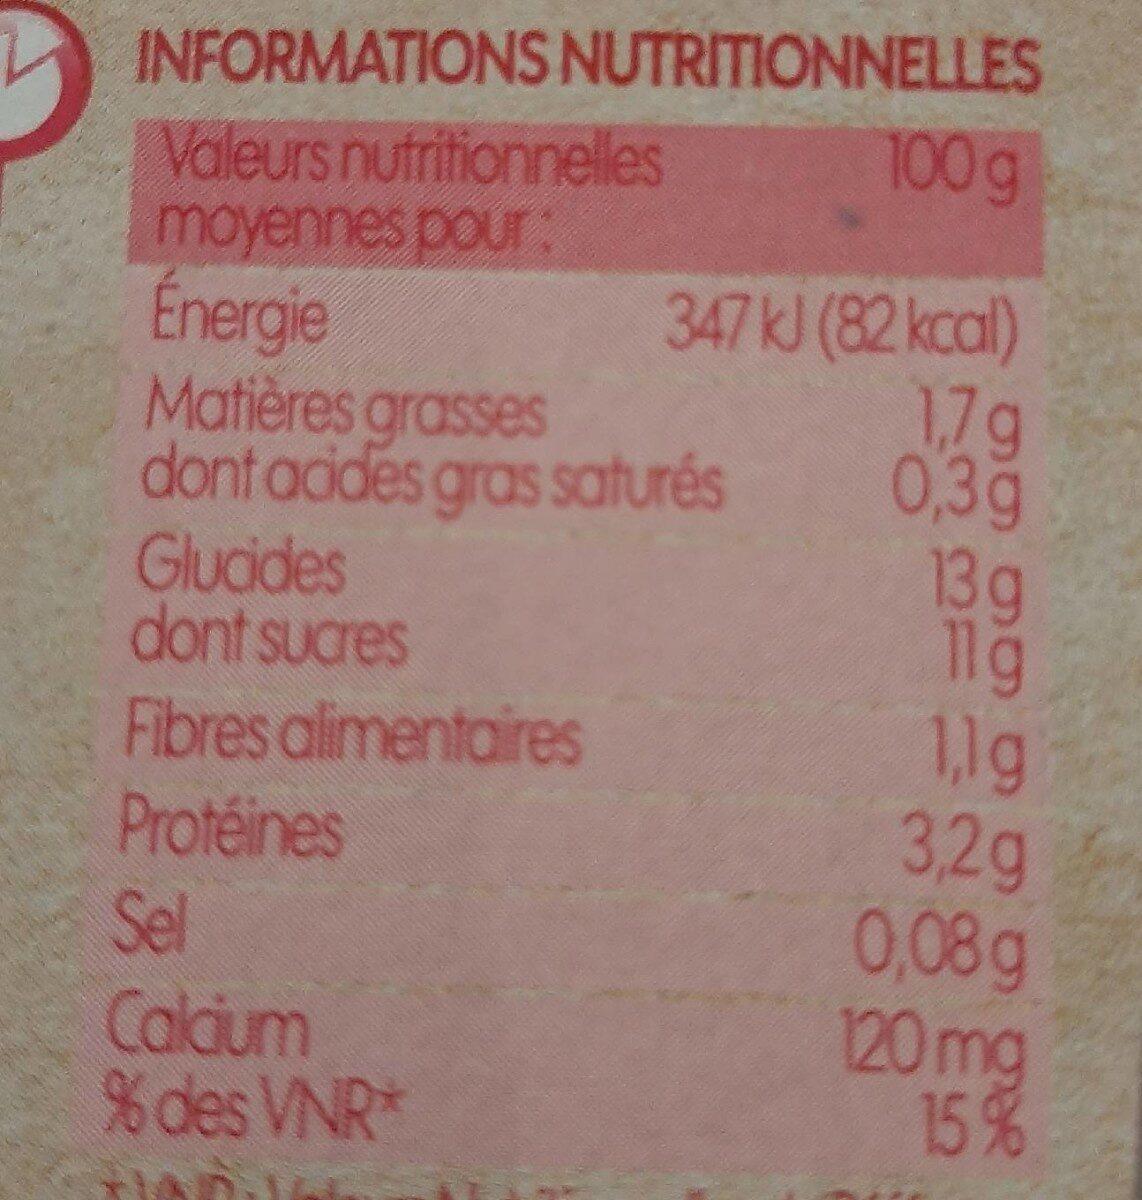 Spécialité au soja framboise et passion - Informations nutritionnelles - fr